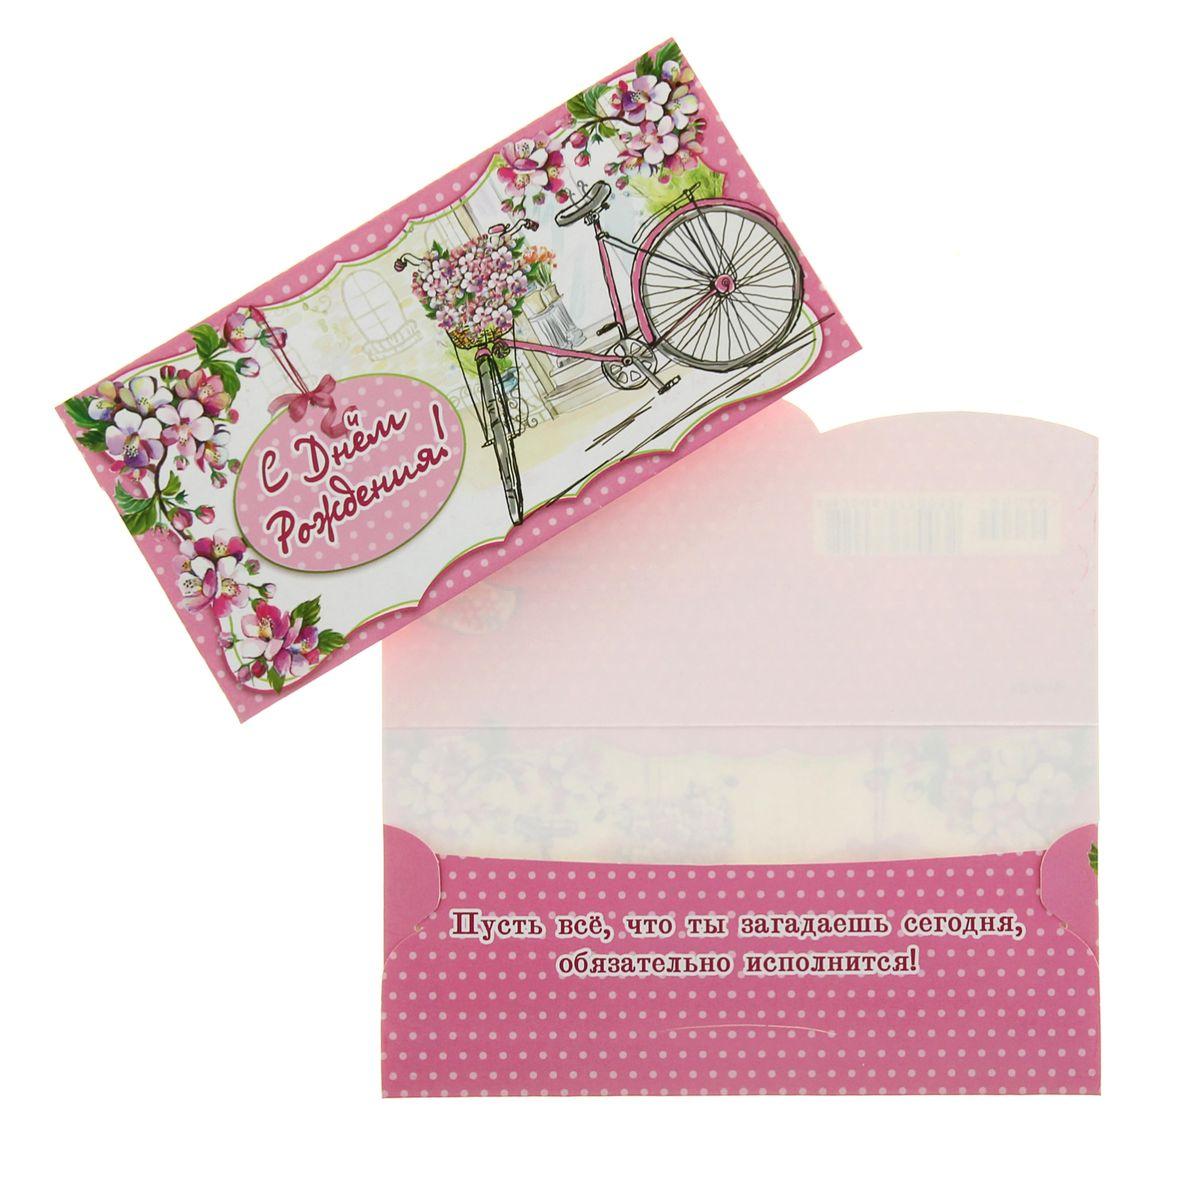 Что написать в открытке с деньгами на день рождения, галина днем